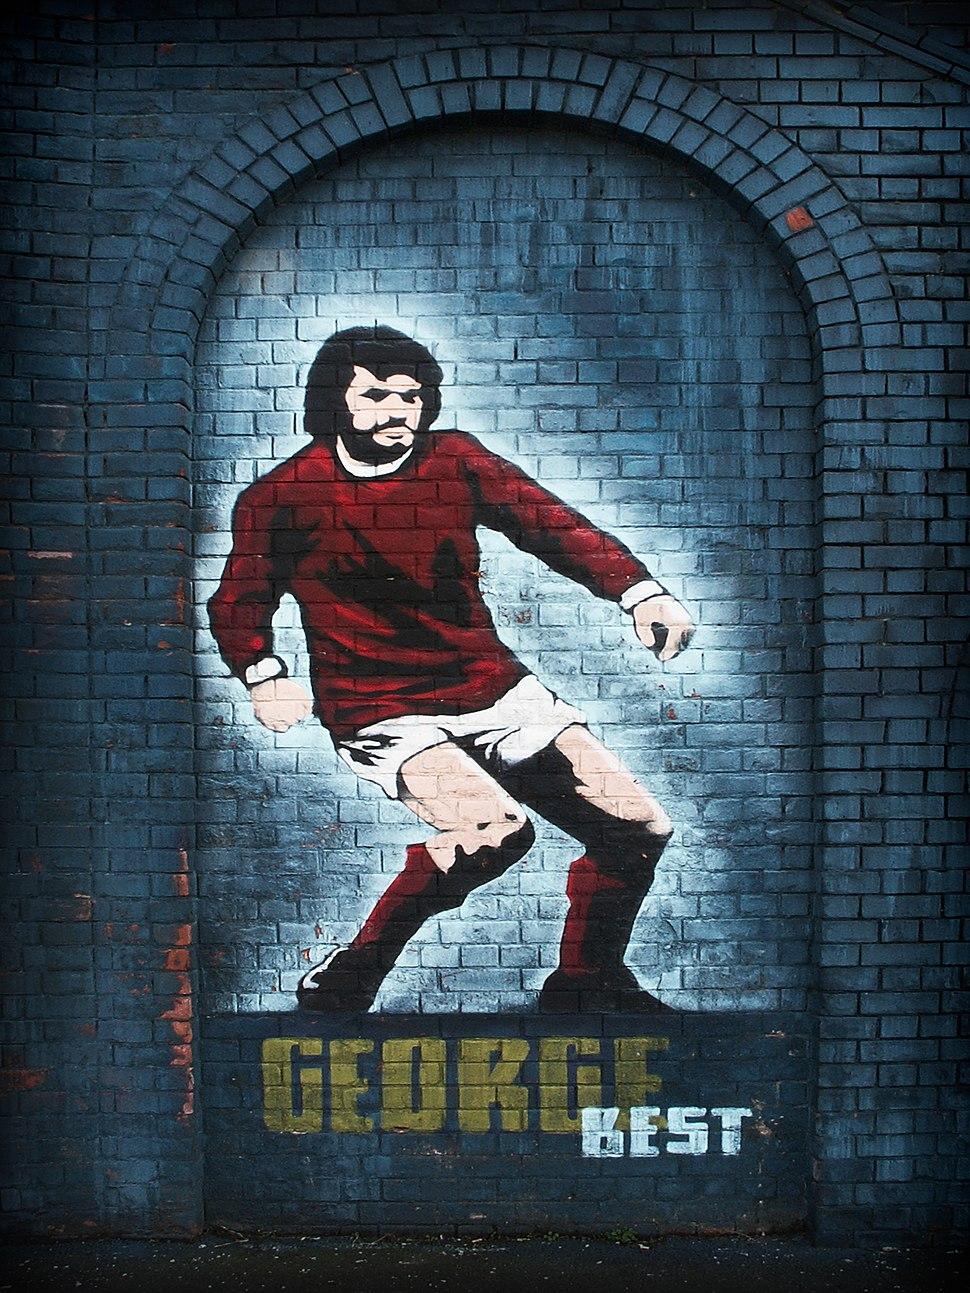 Graffiti of George Best